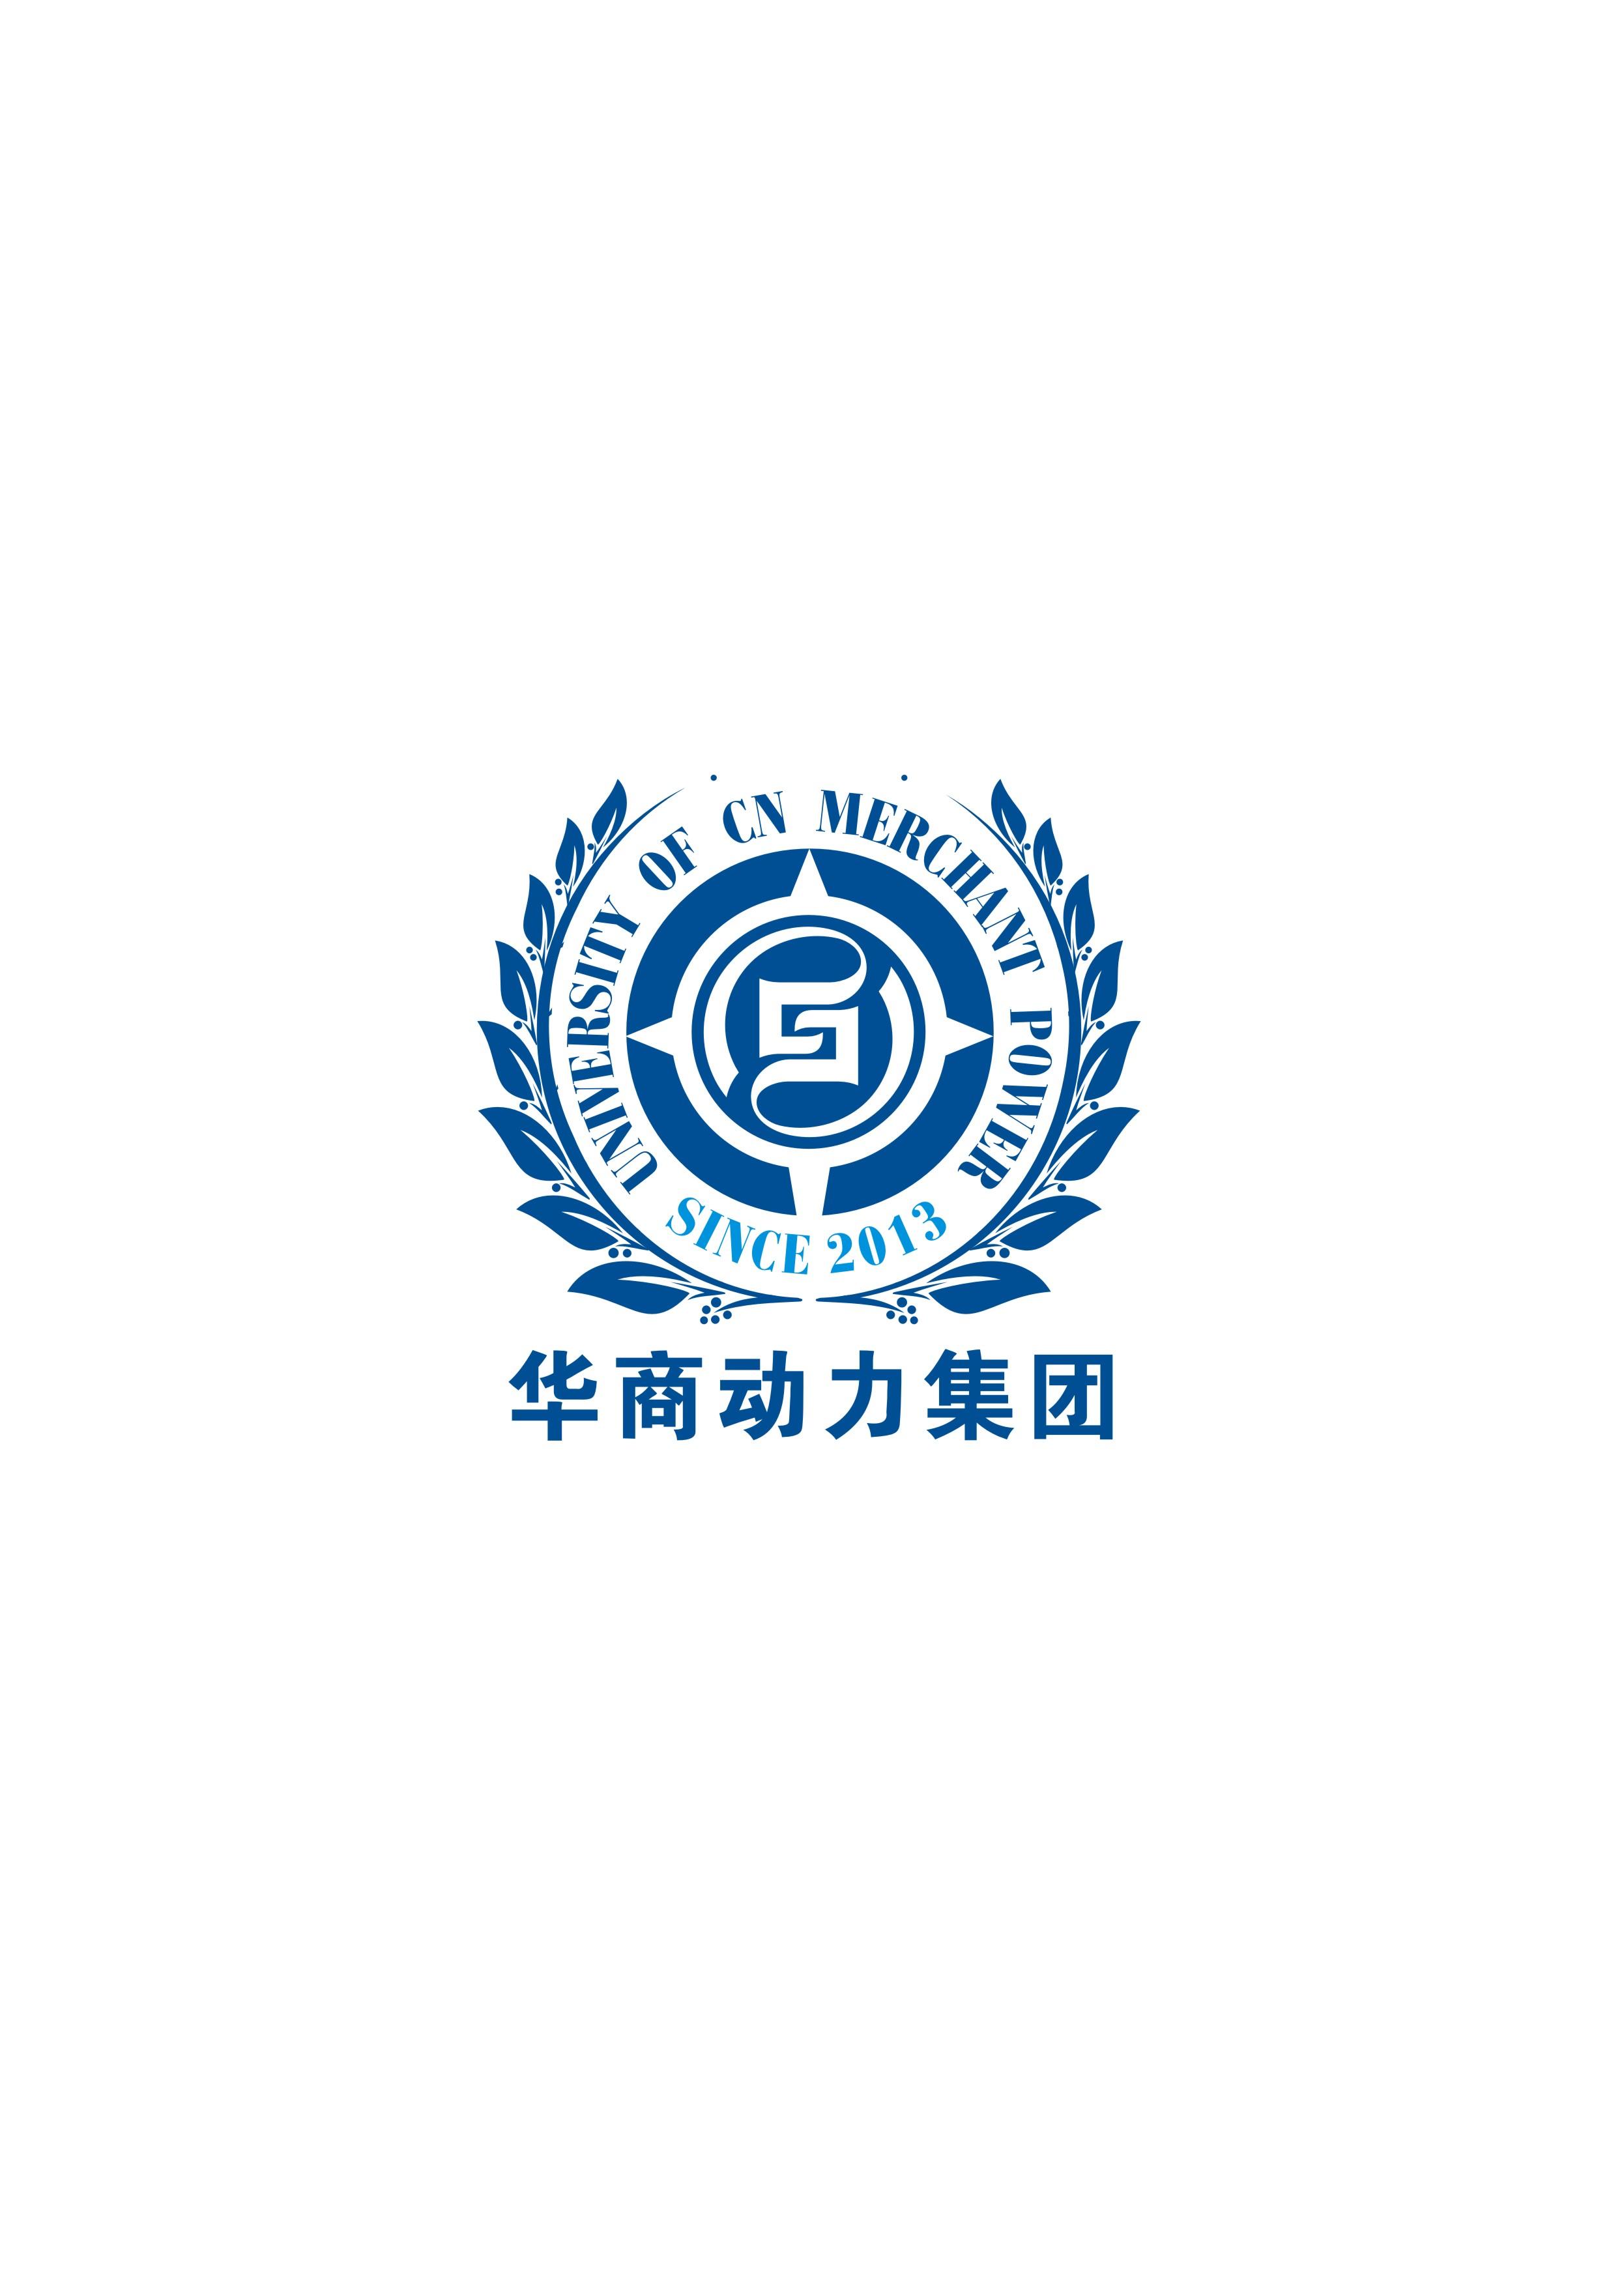 北京华商动力知识产权代理有限公司甘肃分公司